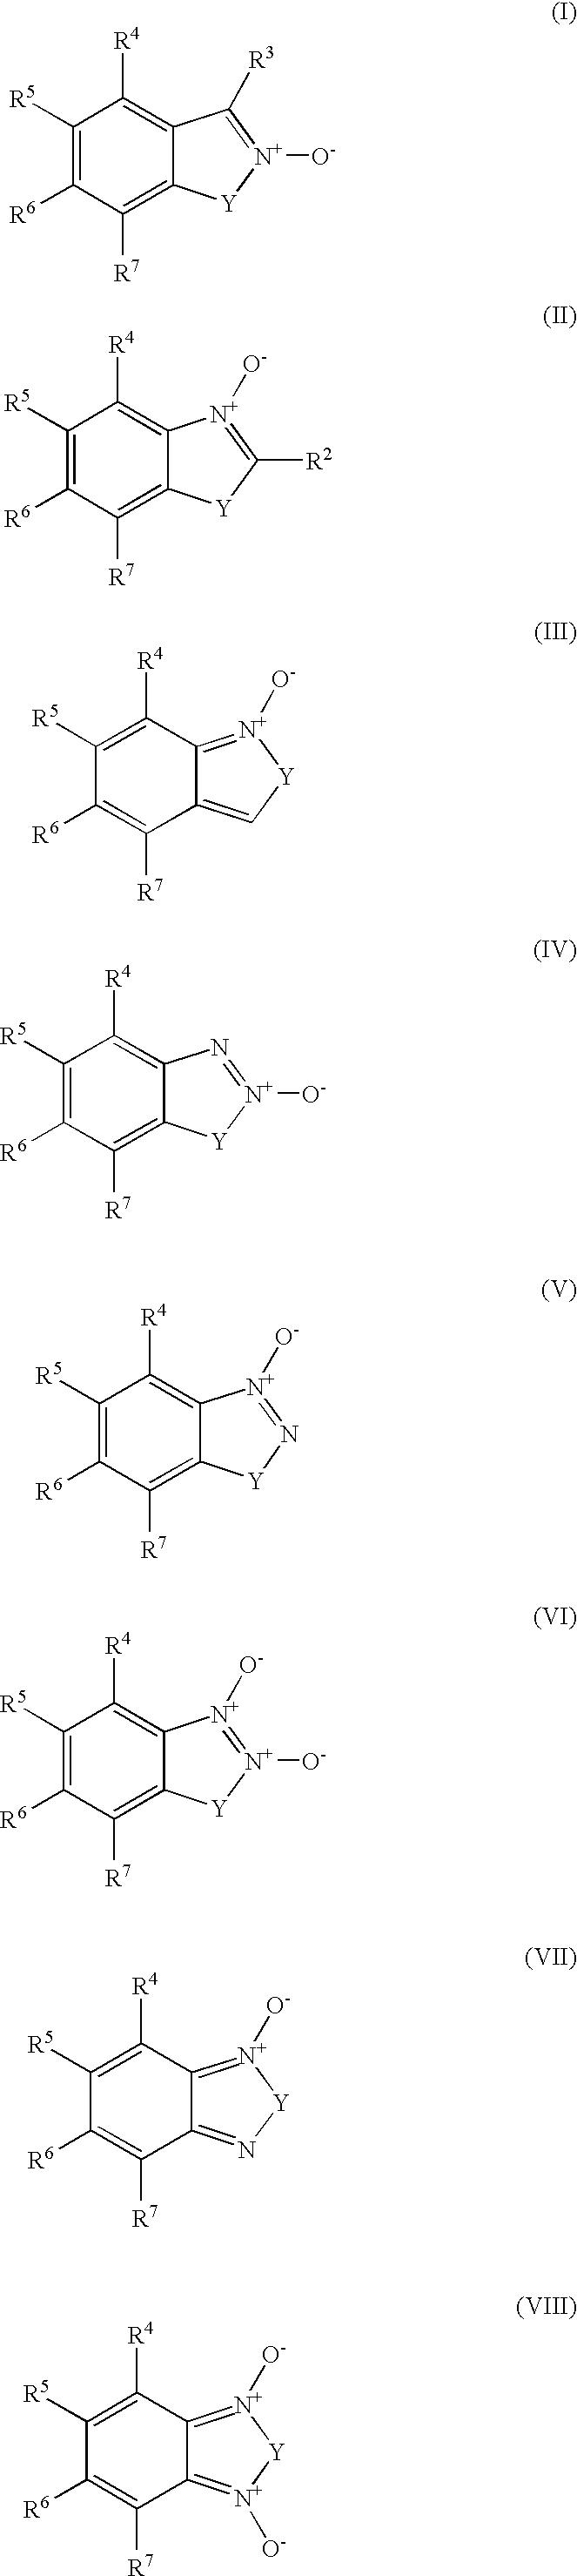 Figure US07288123-20071030-C00064